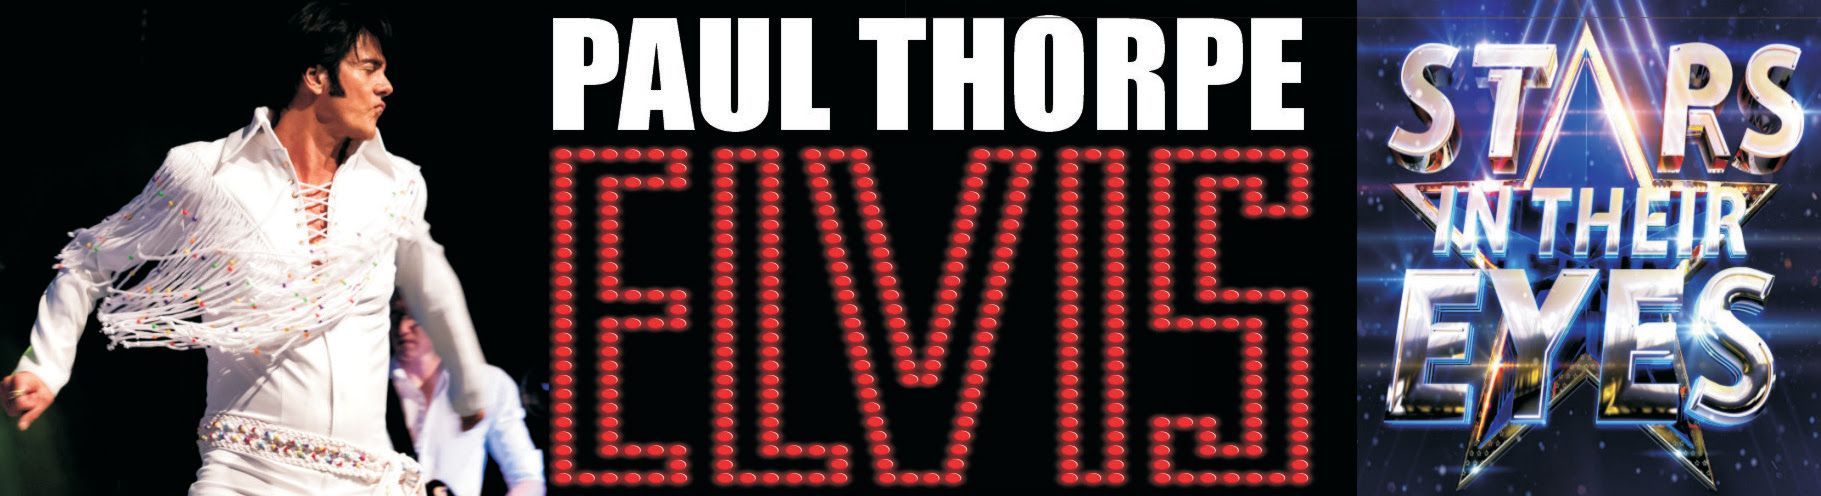 Paul Thorpe as Elvis